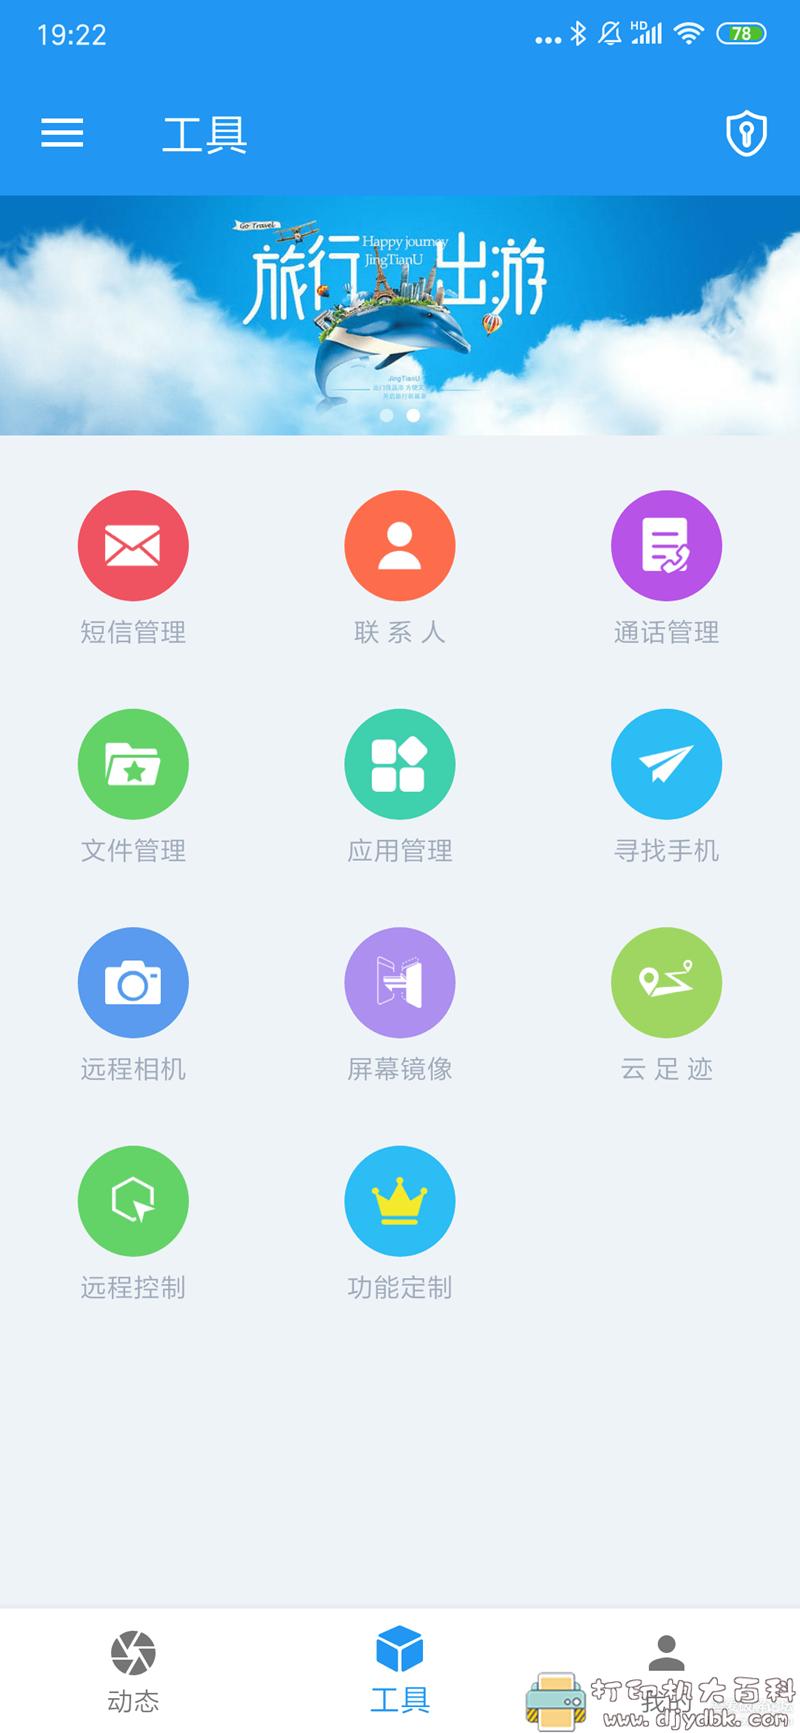 [Android]MK手机定位V1.2 远程控制 最新破解版 配图 No.1